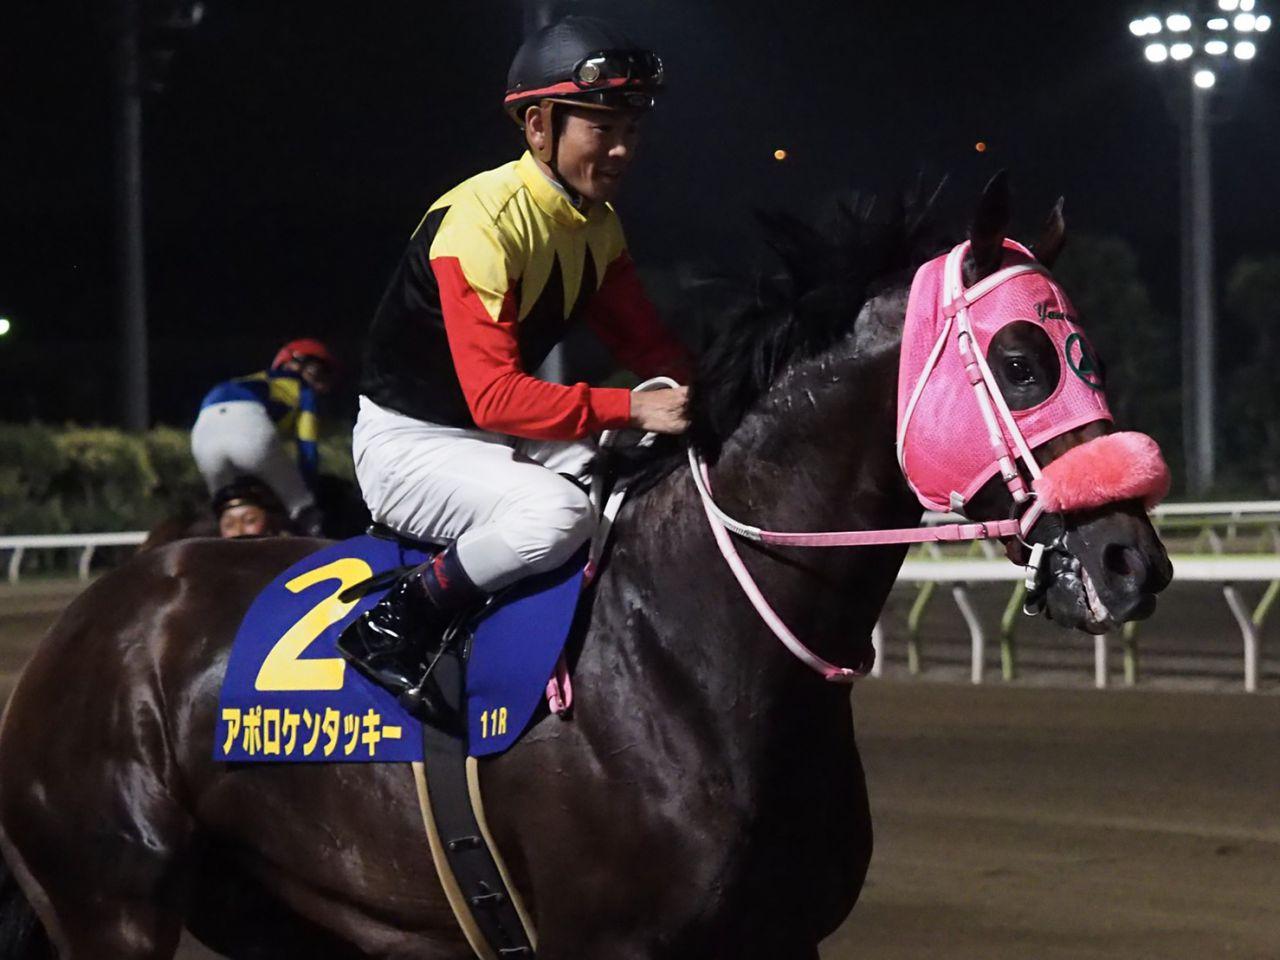 マイルチャンピオンシップ(GⅠ)海外からの予備登録馬